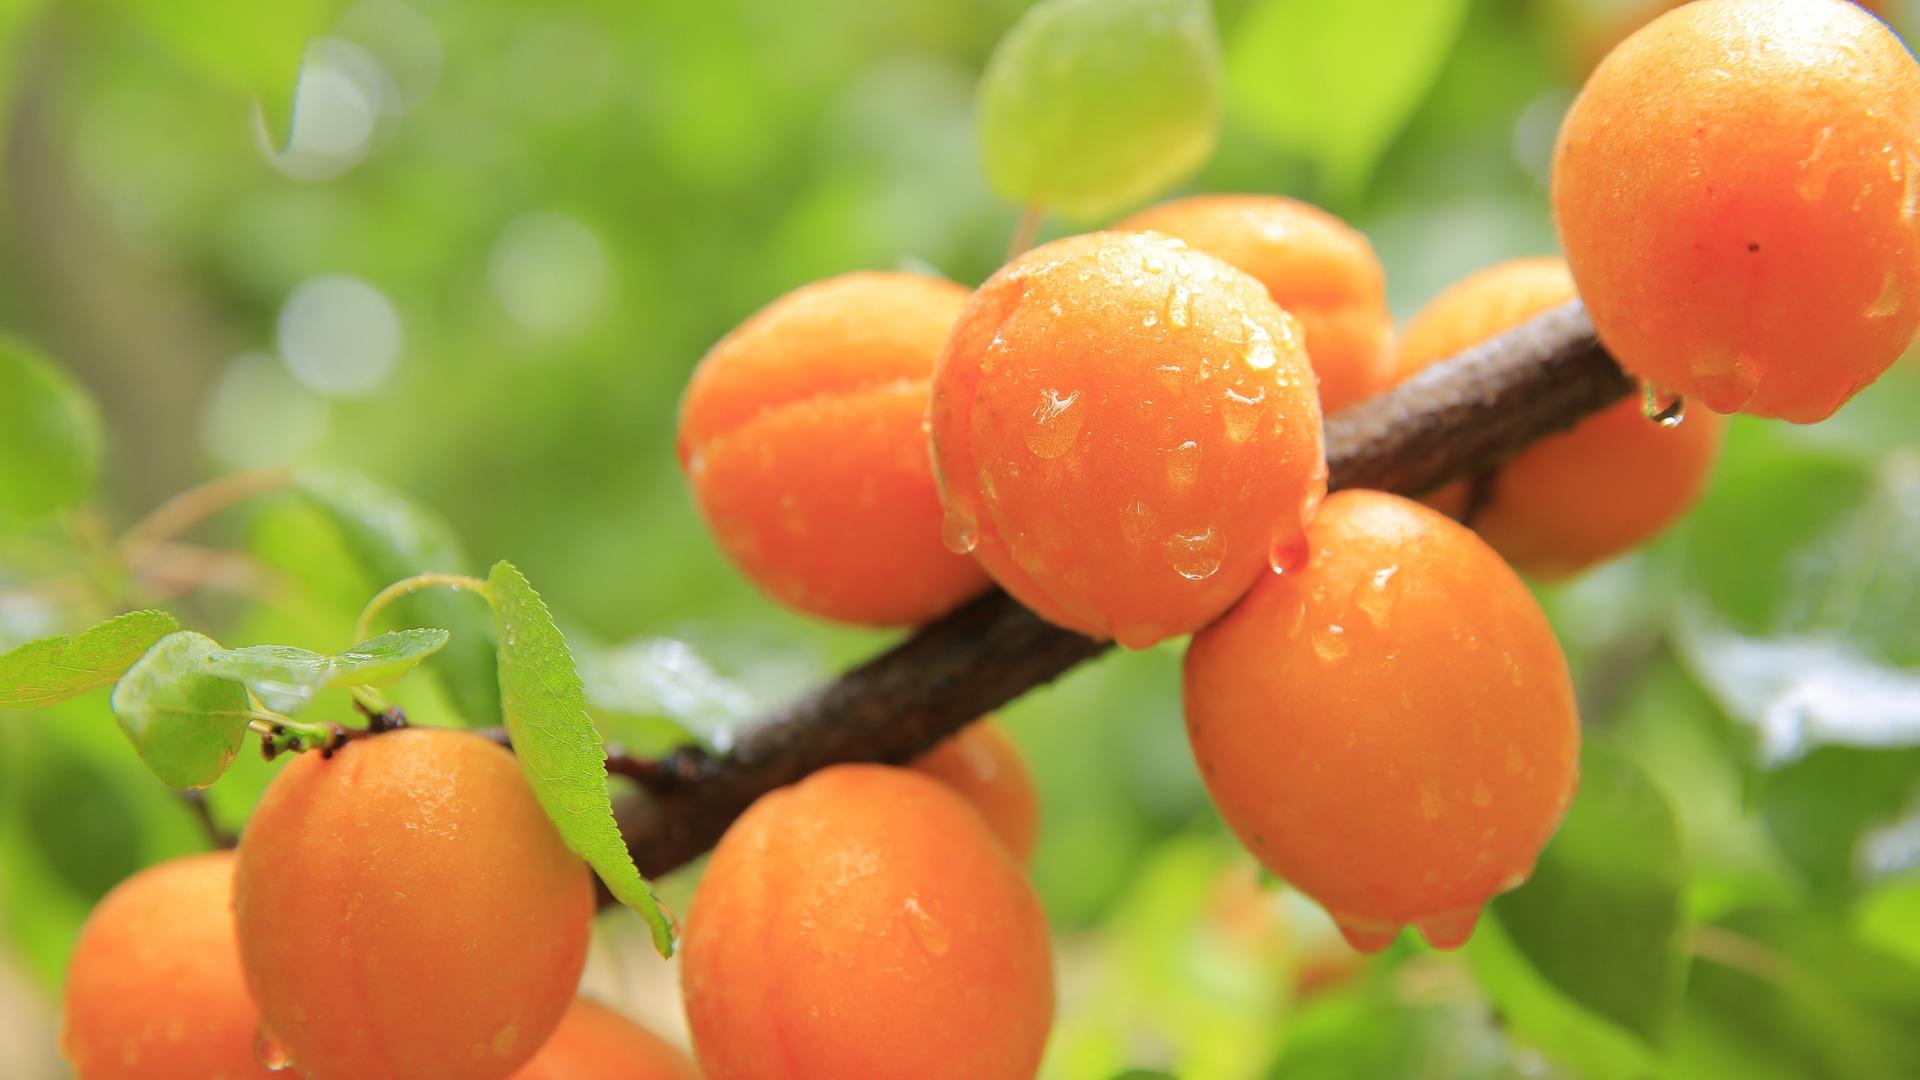 importateur-d-abricots-en-france-5